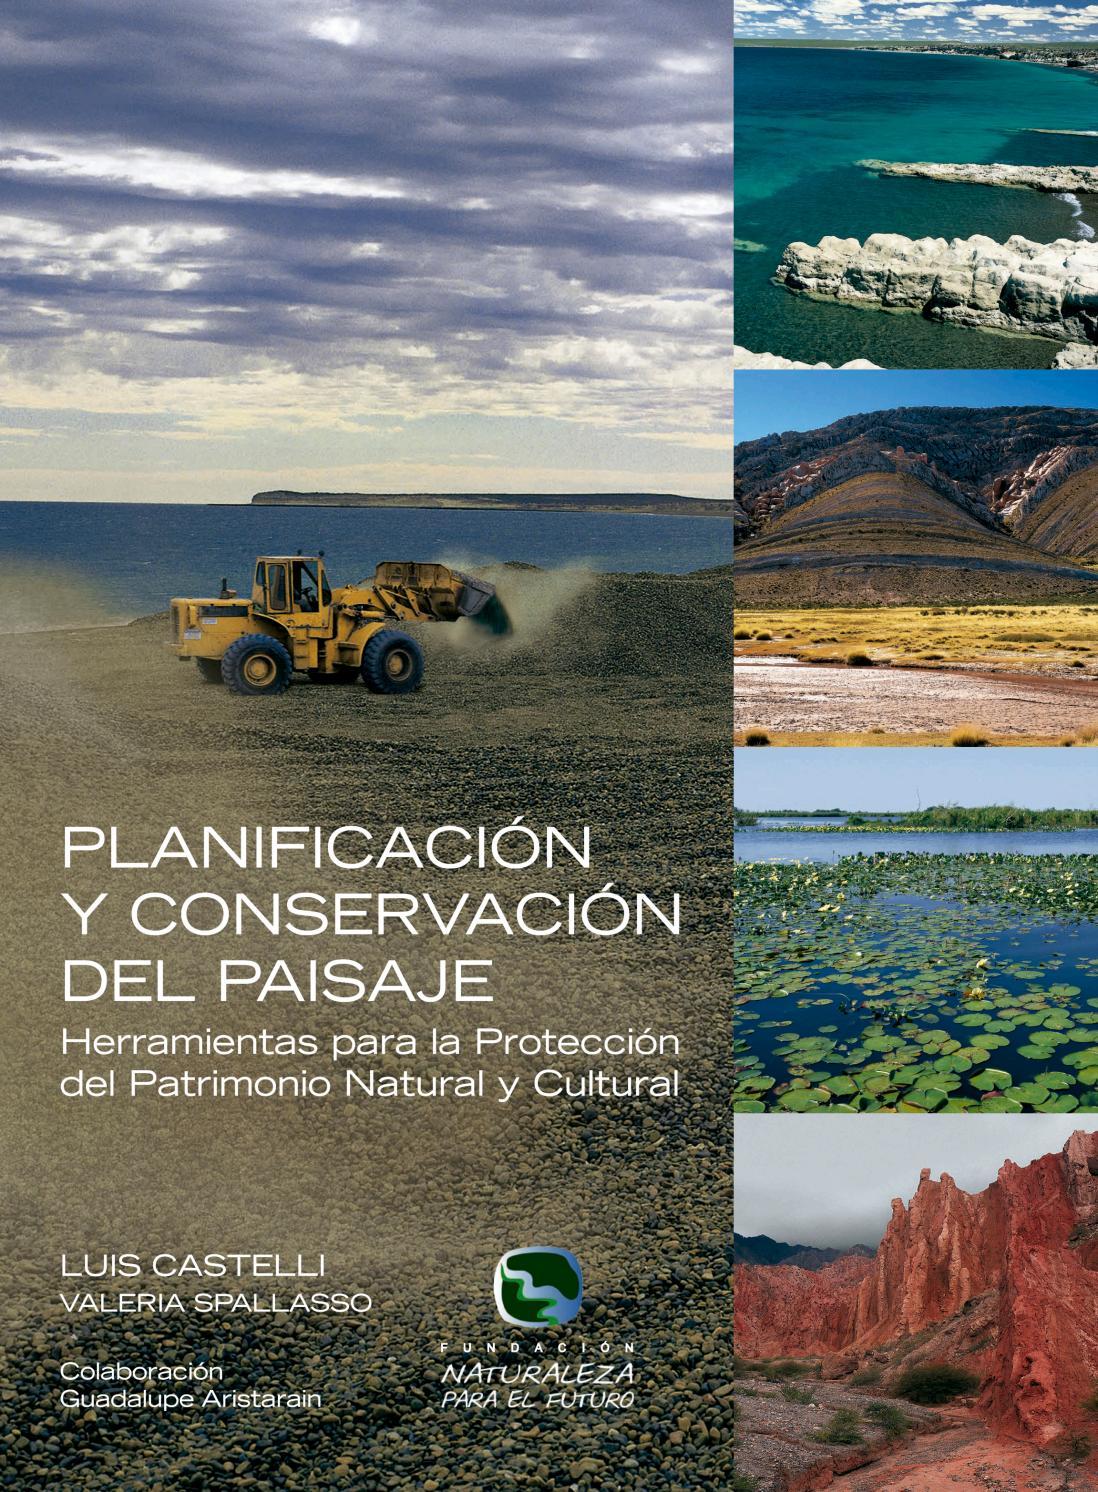 Planificacion conservacion paisaje by Mariano Masariche - issuu